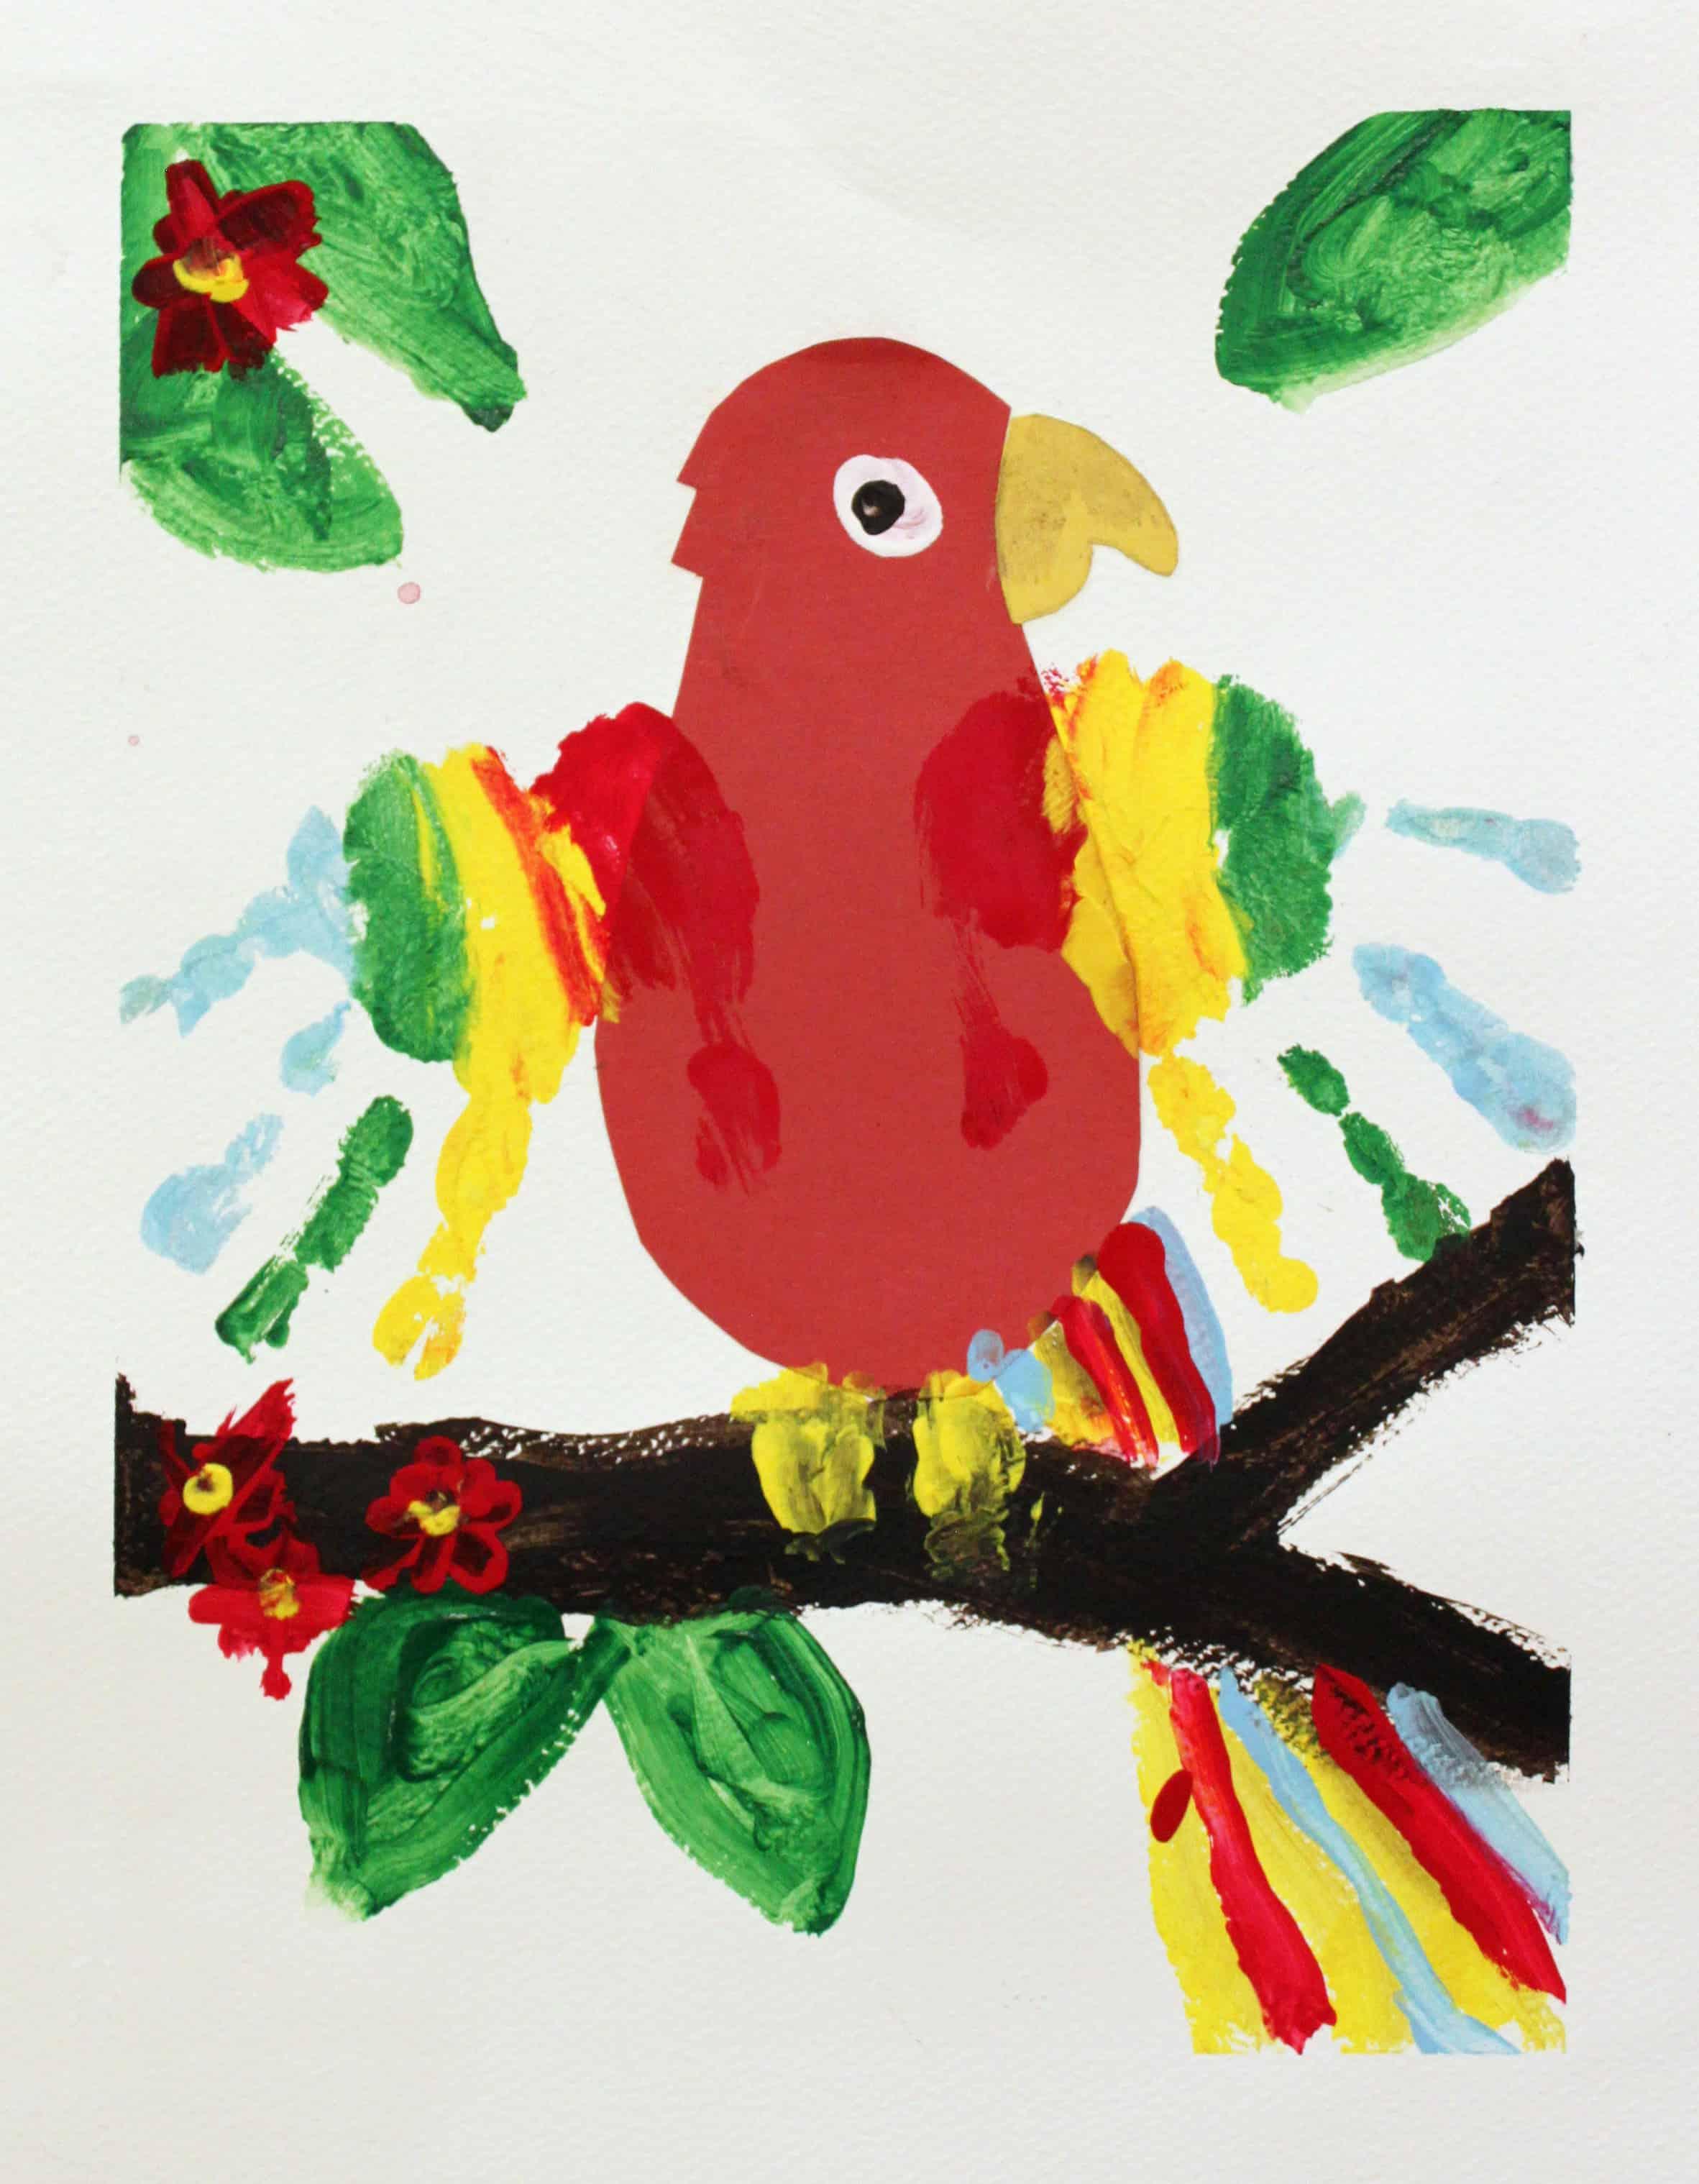 Handprint wing parrots